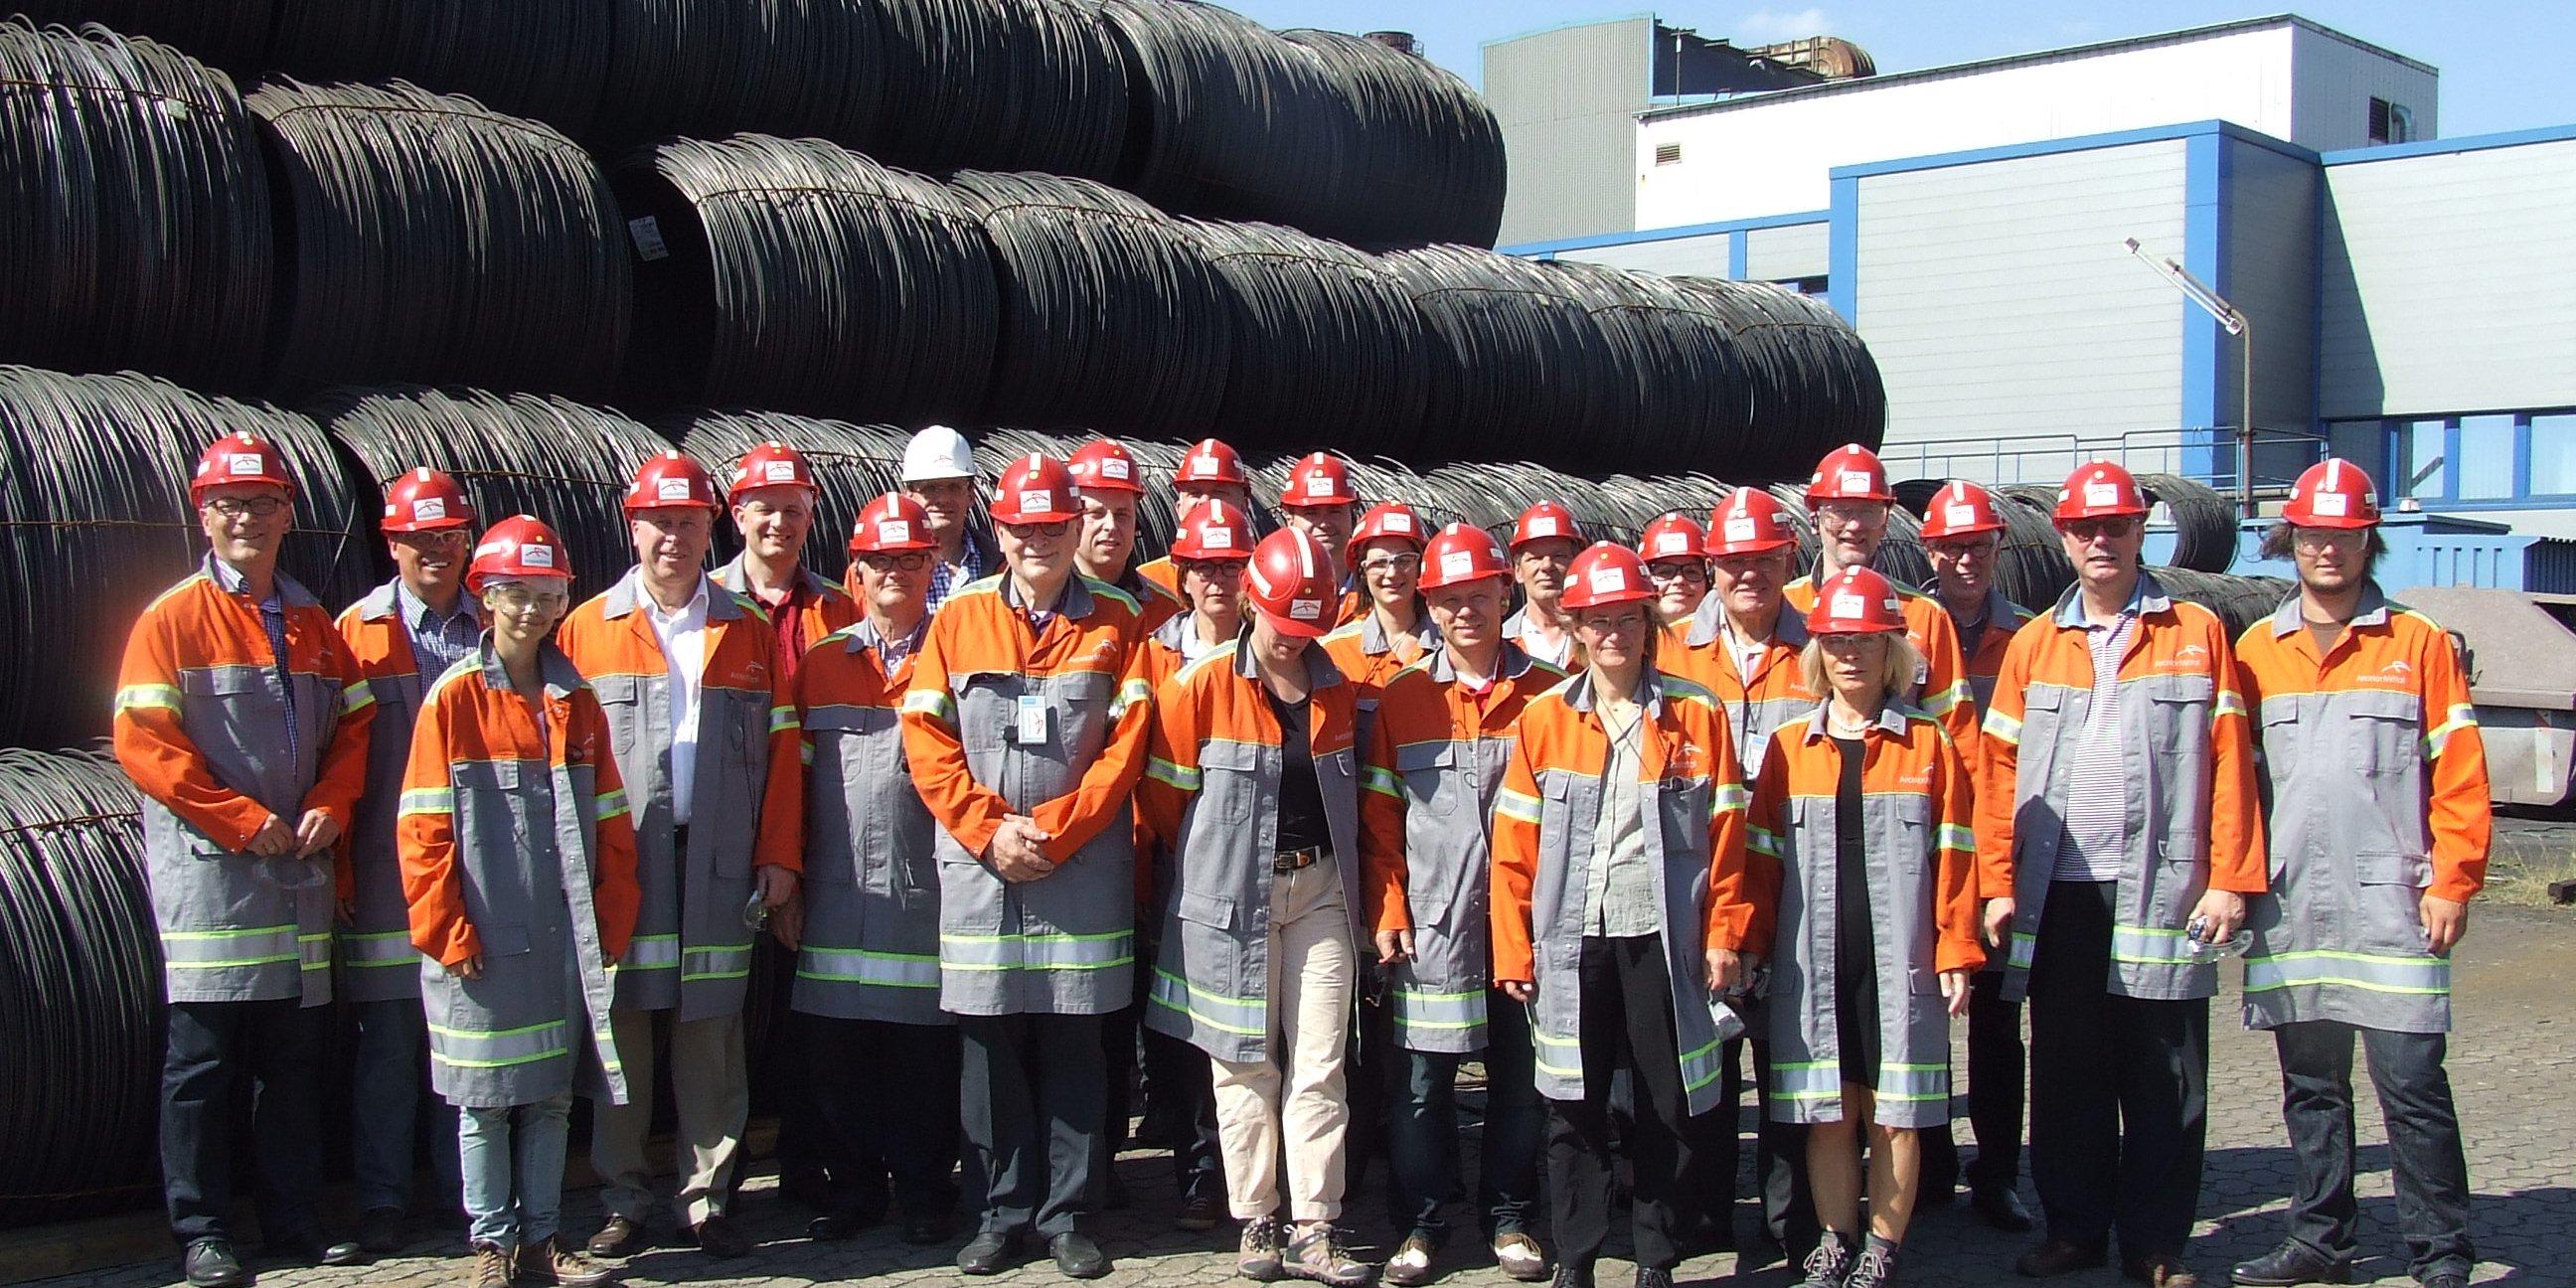 2013-08-02_DGQHH-Stahlwerkbesichtigung_3347